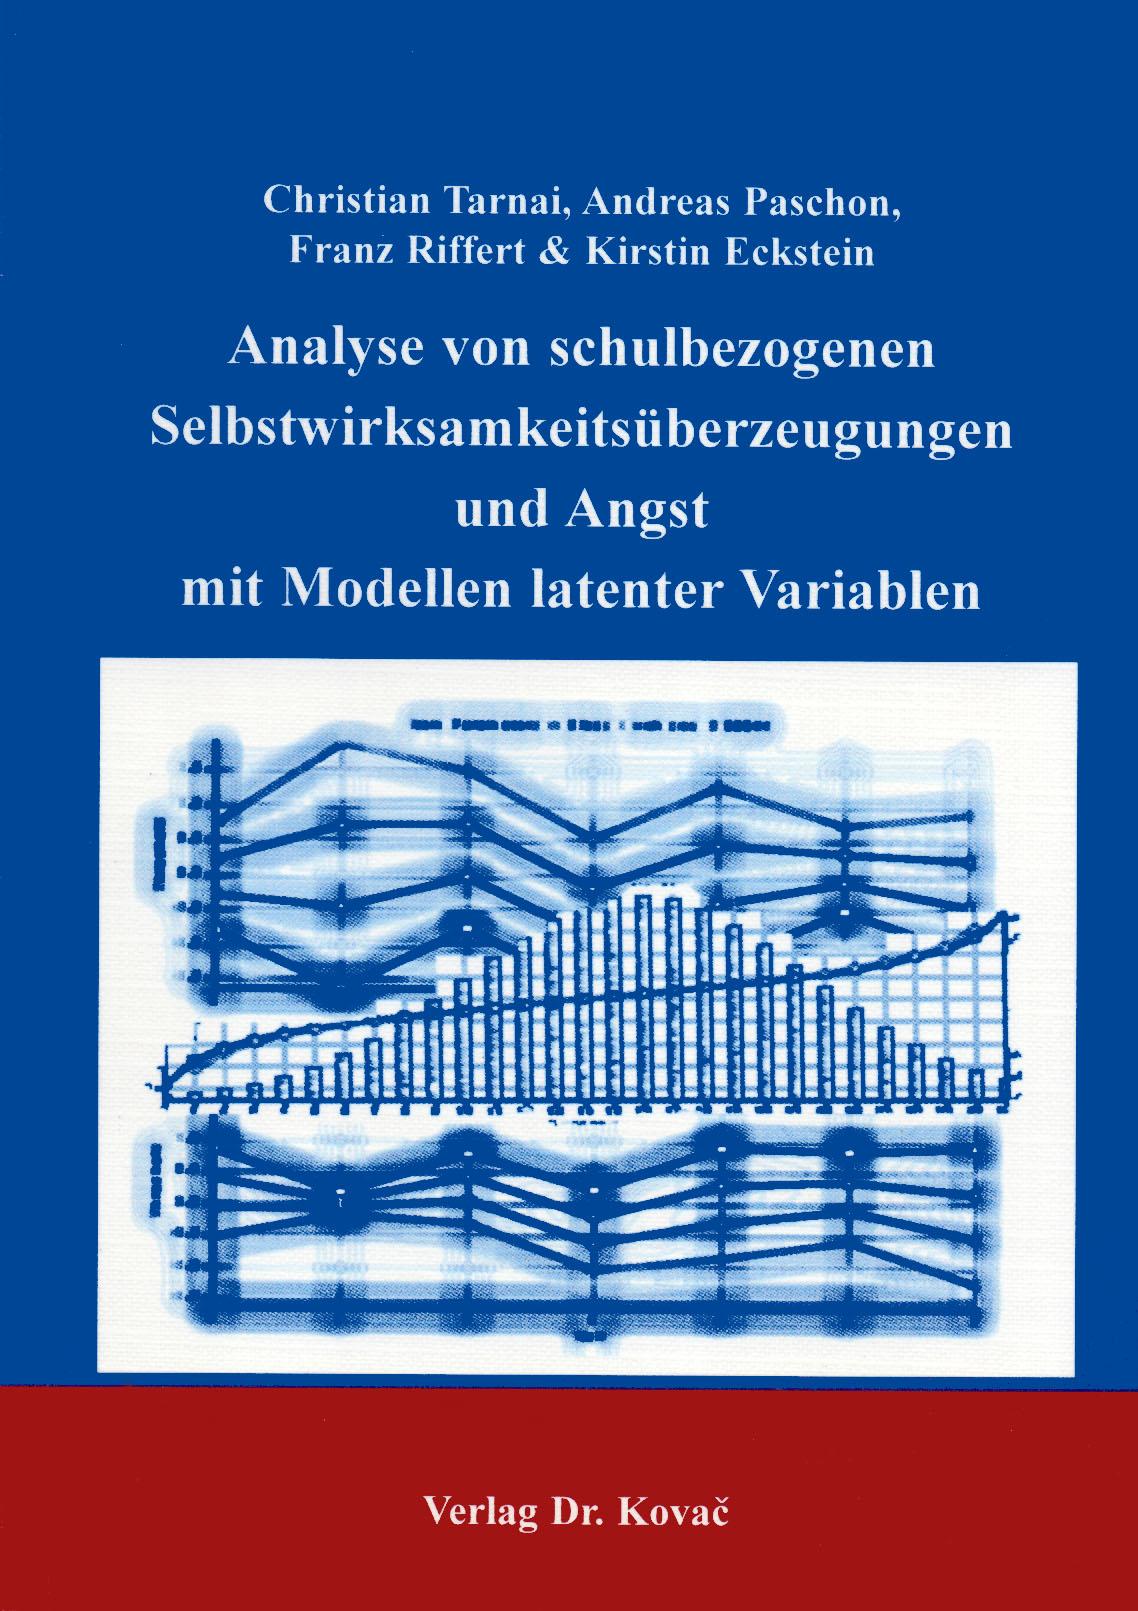 Cover: Analyse von schulbezogenen Selbstwirksamkeitsüberzeugungen und Angst mit Modellen latenter Variablen